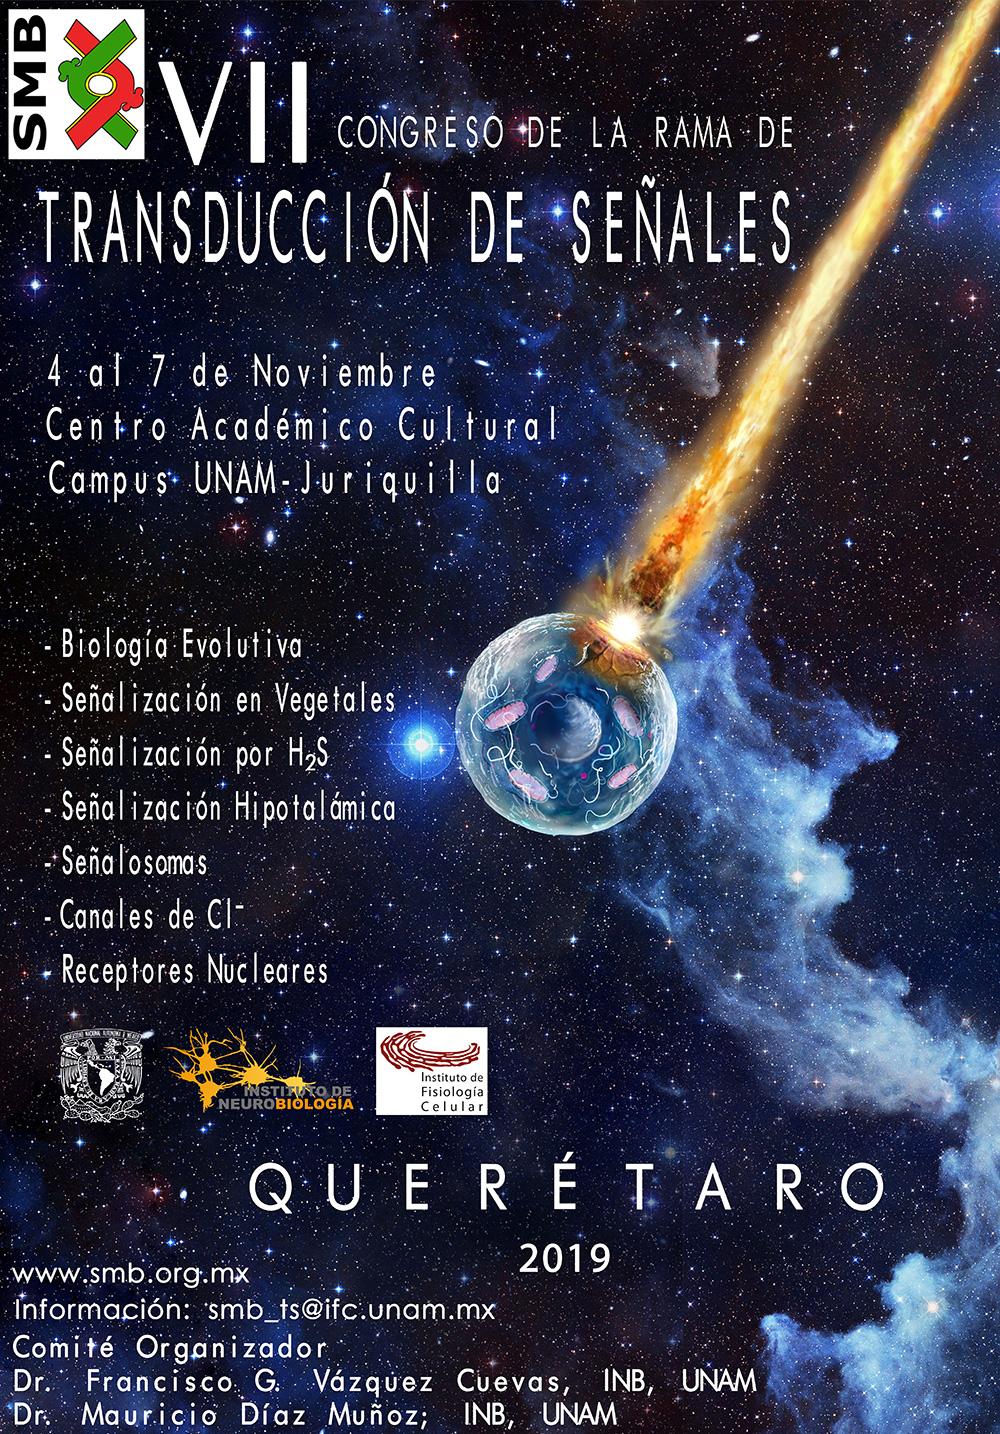 VII Congreso de la Rama de Transducción de Señales